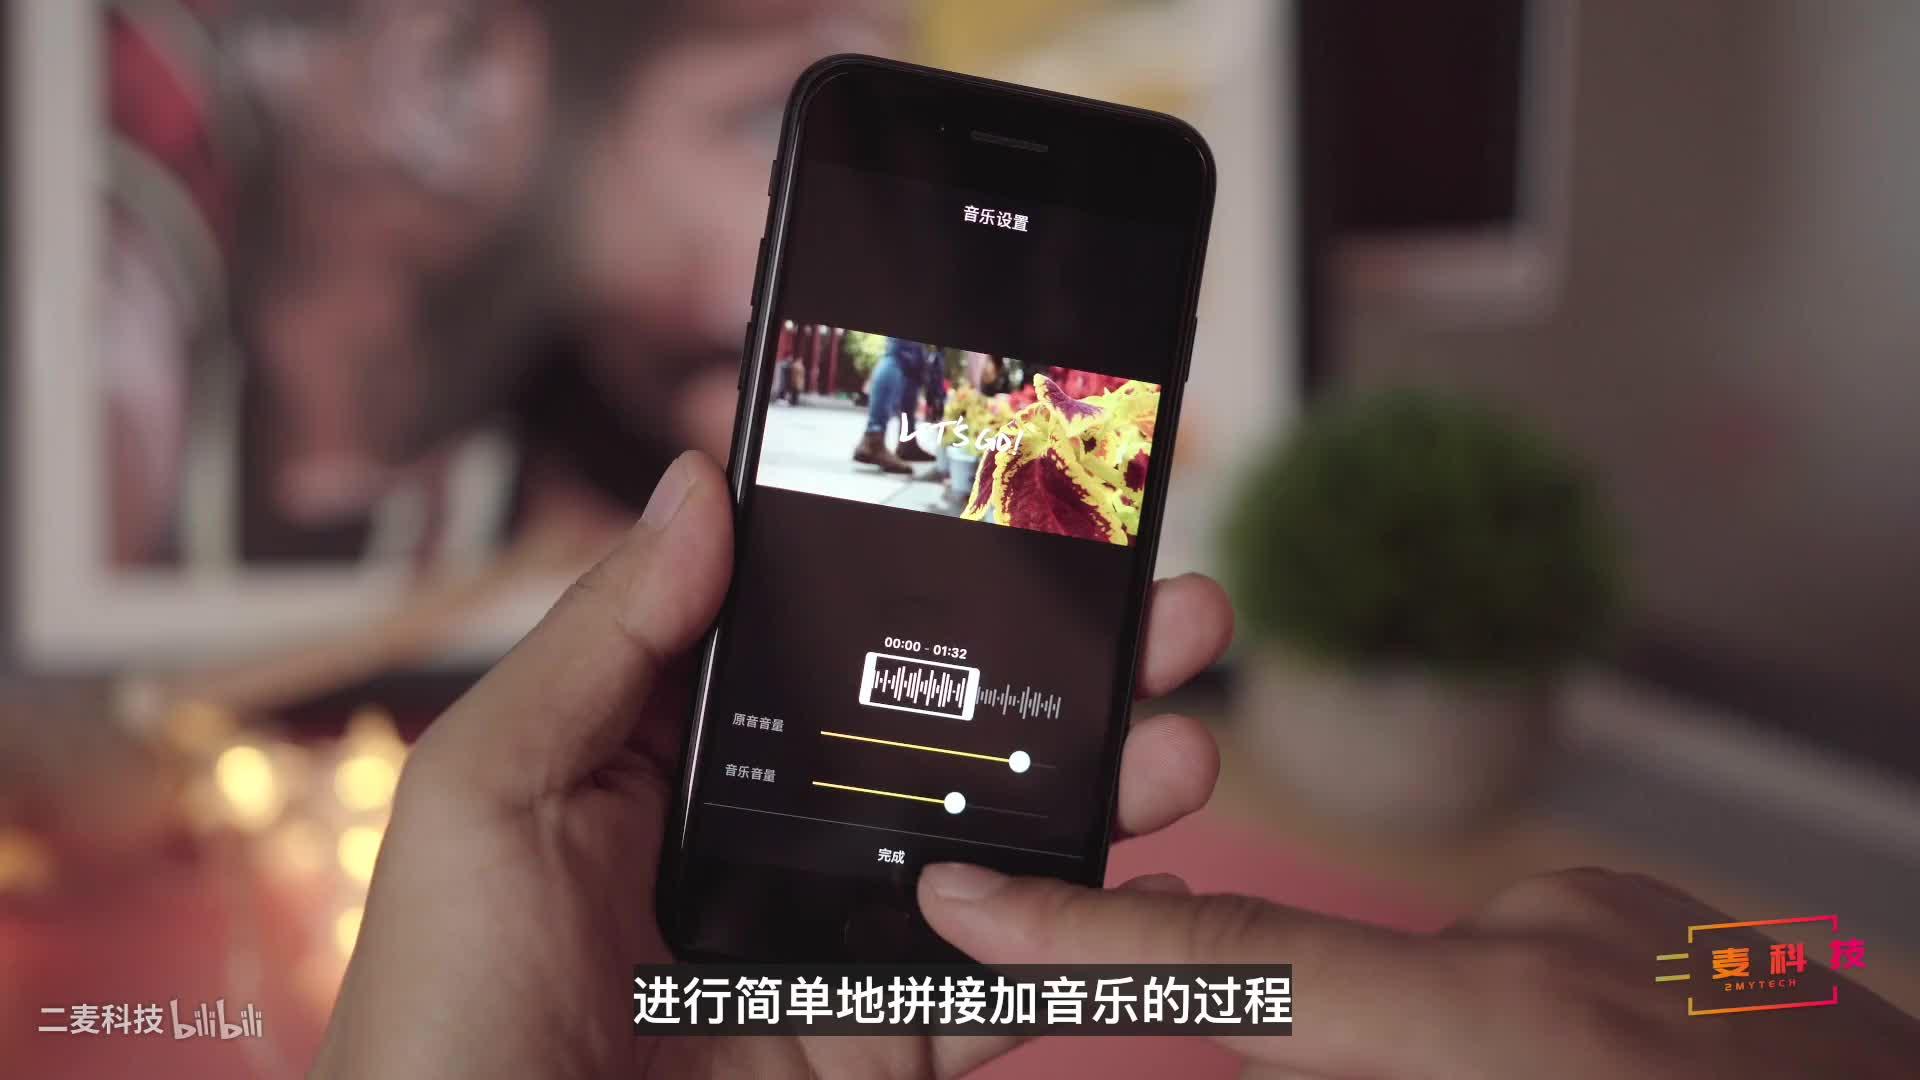 手机摄影|手机拍出的延时视频如何剪辑呢?手机摄影之延时视频下期